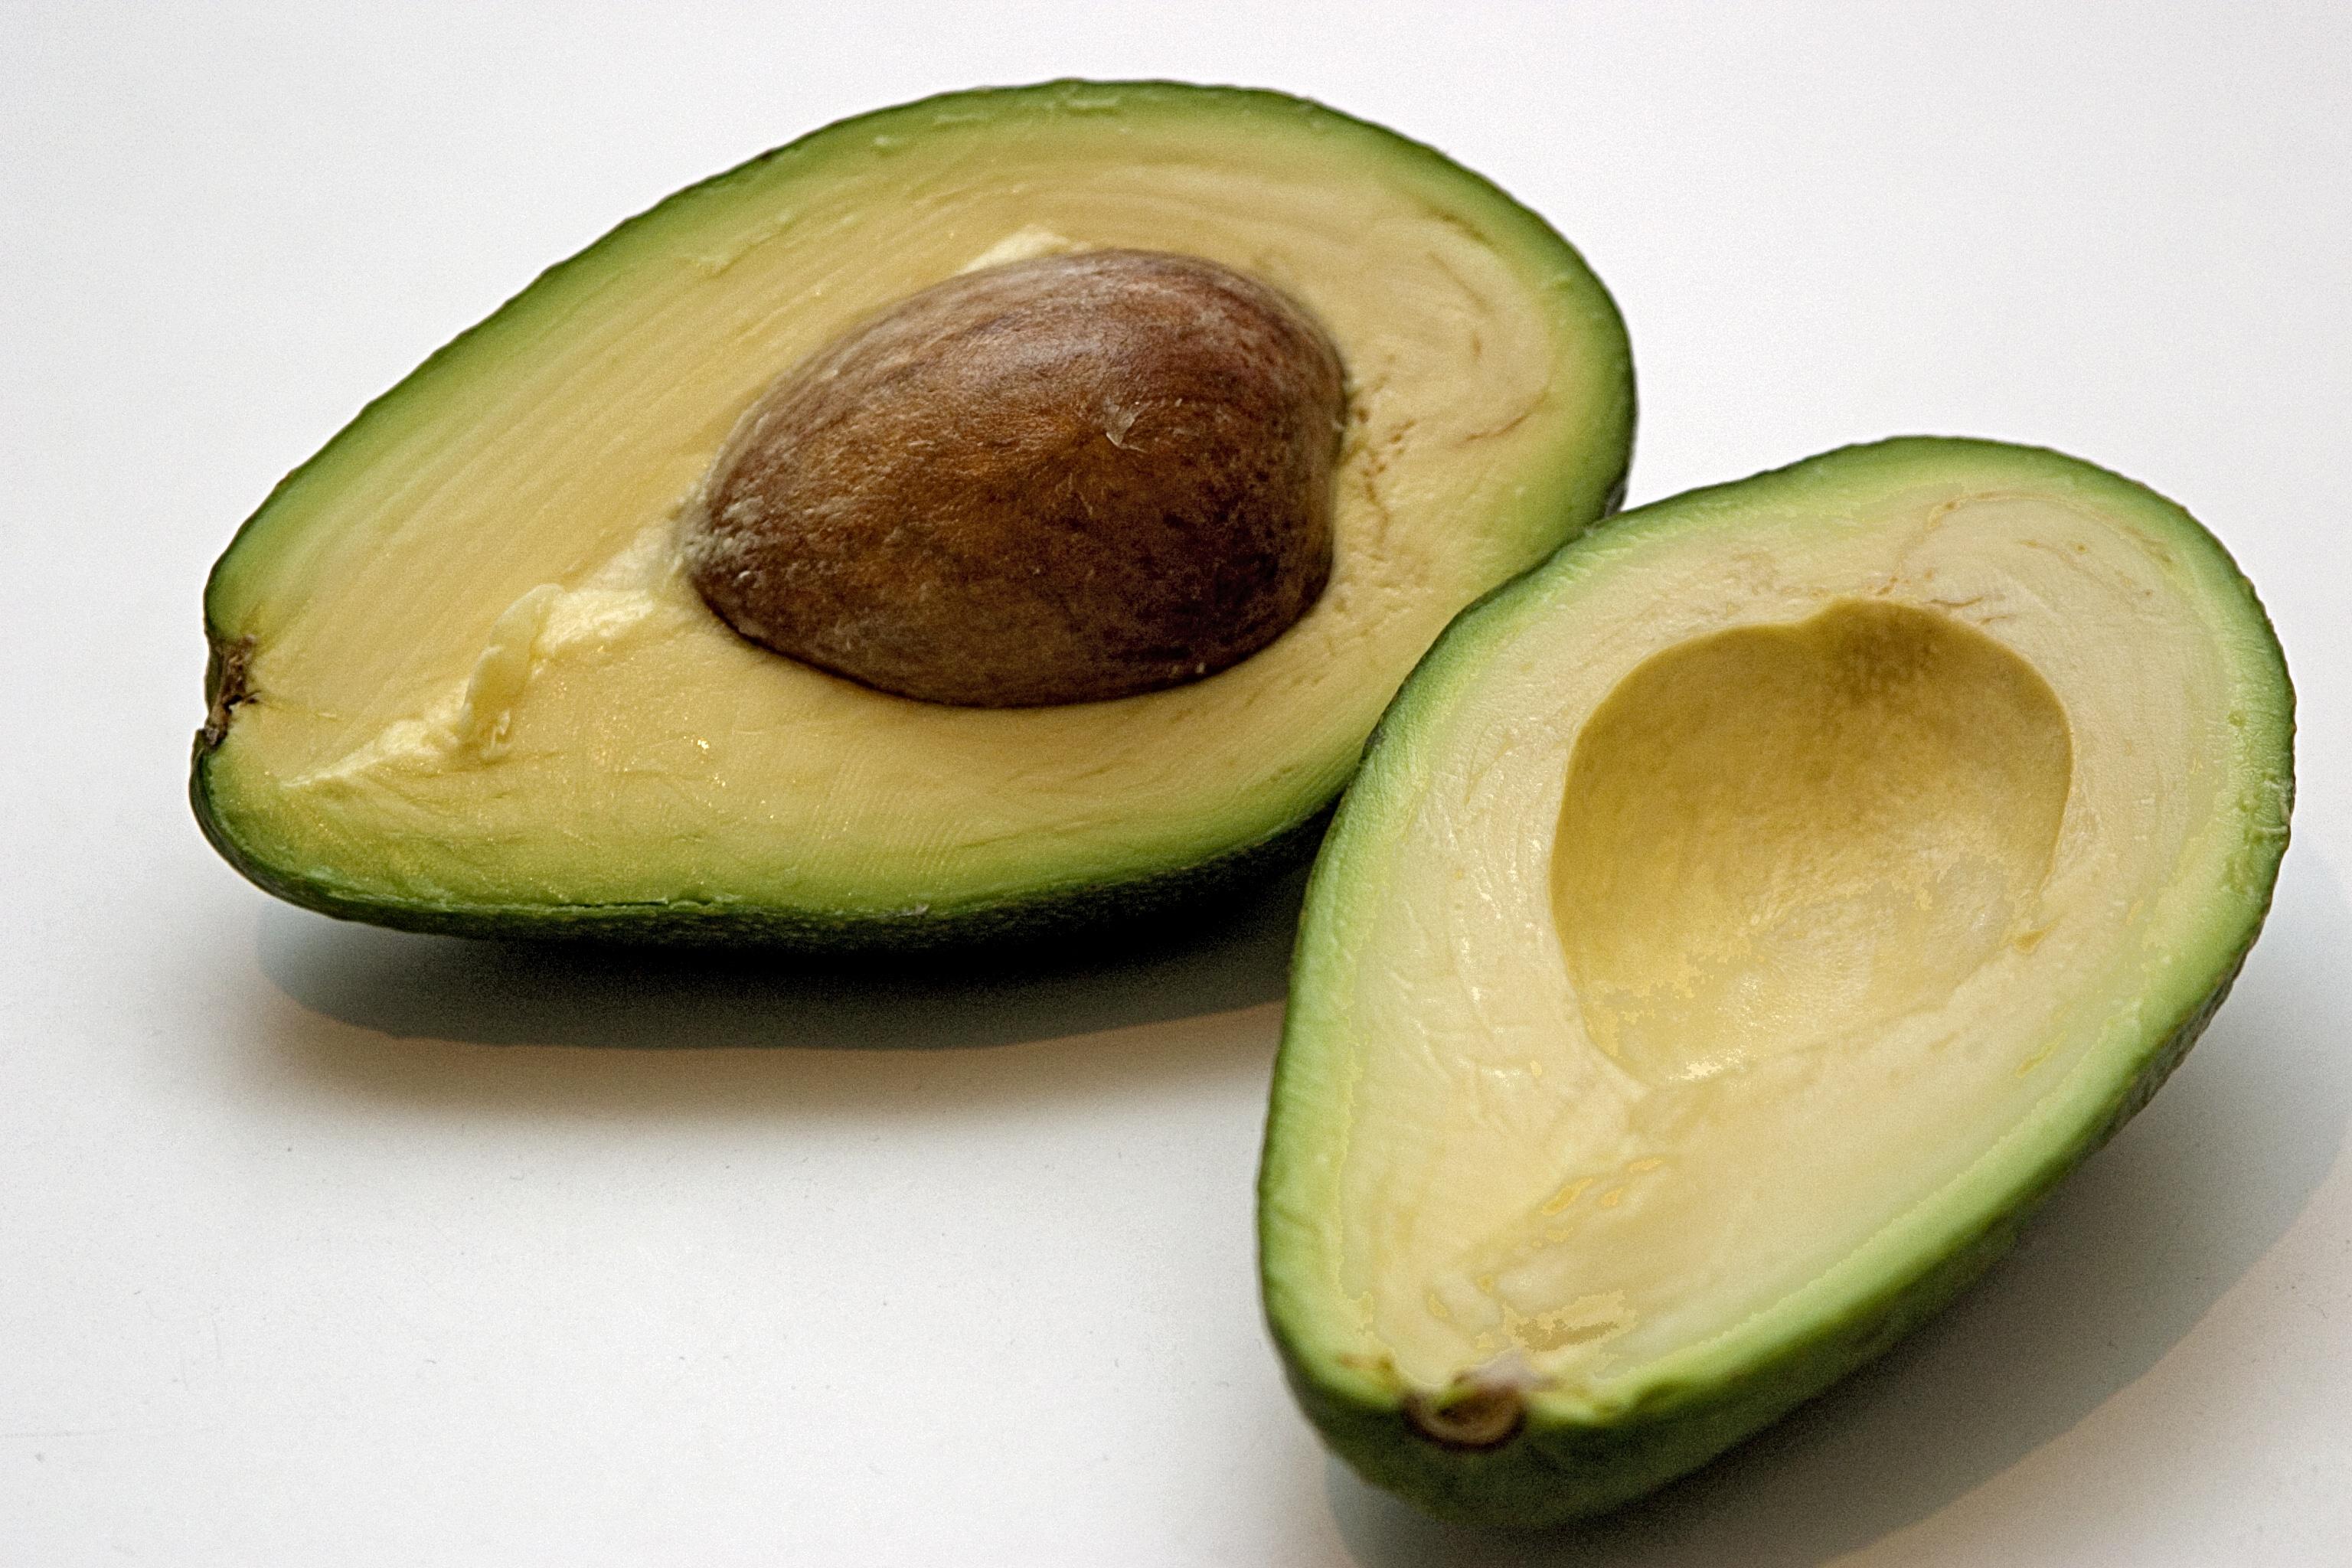 Como se usa la semilla de aguacate para adelgazar